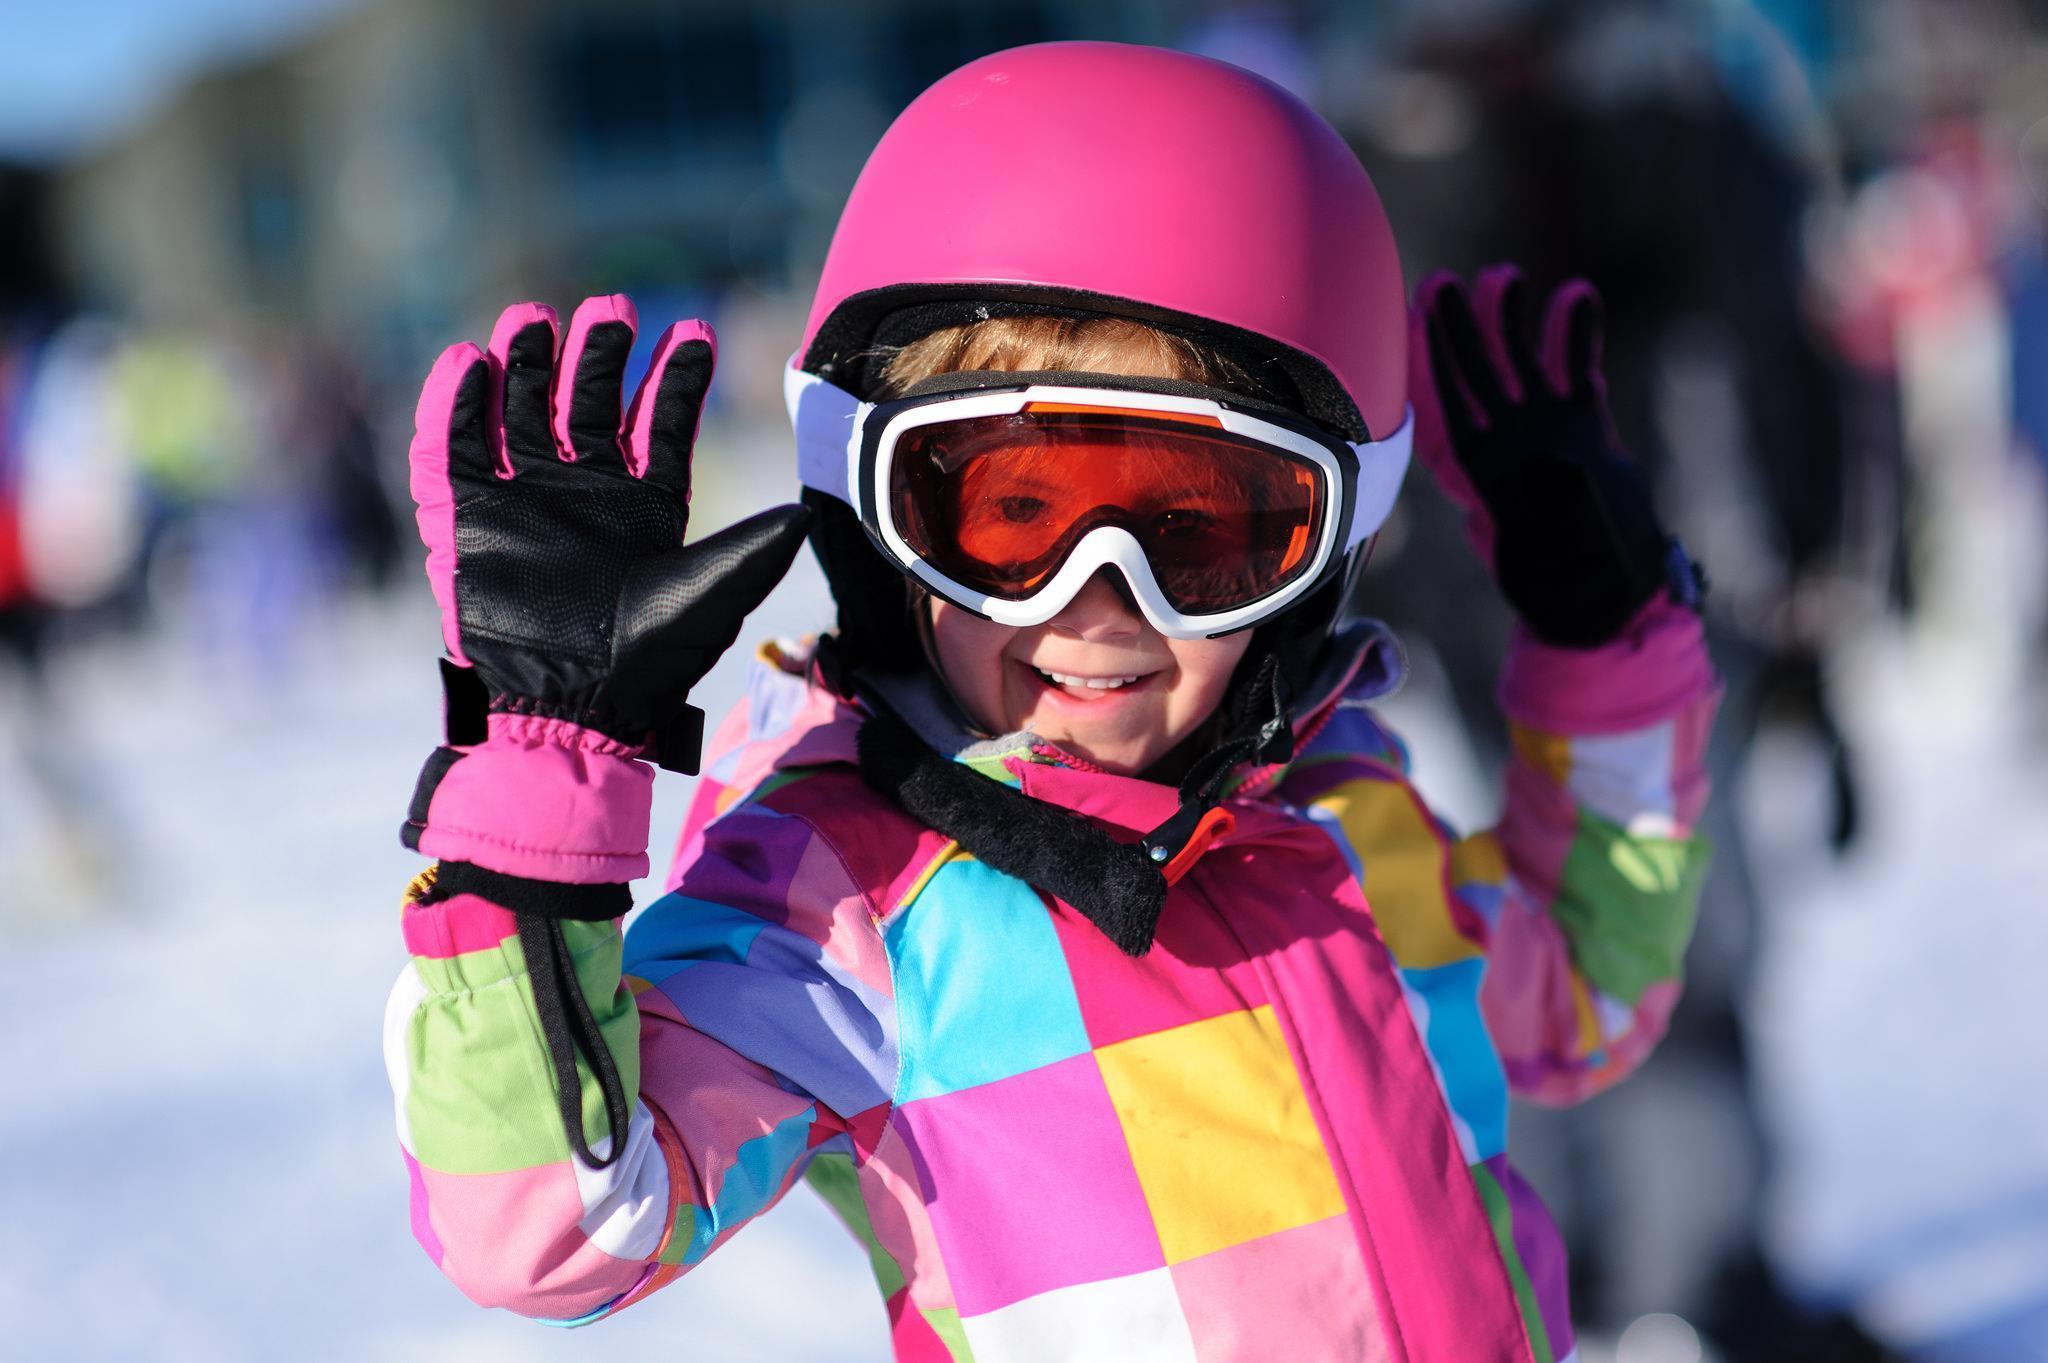 Skilessen voor kinderen (5-15 jaar) - Eerste keer